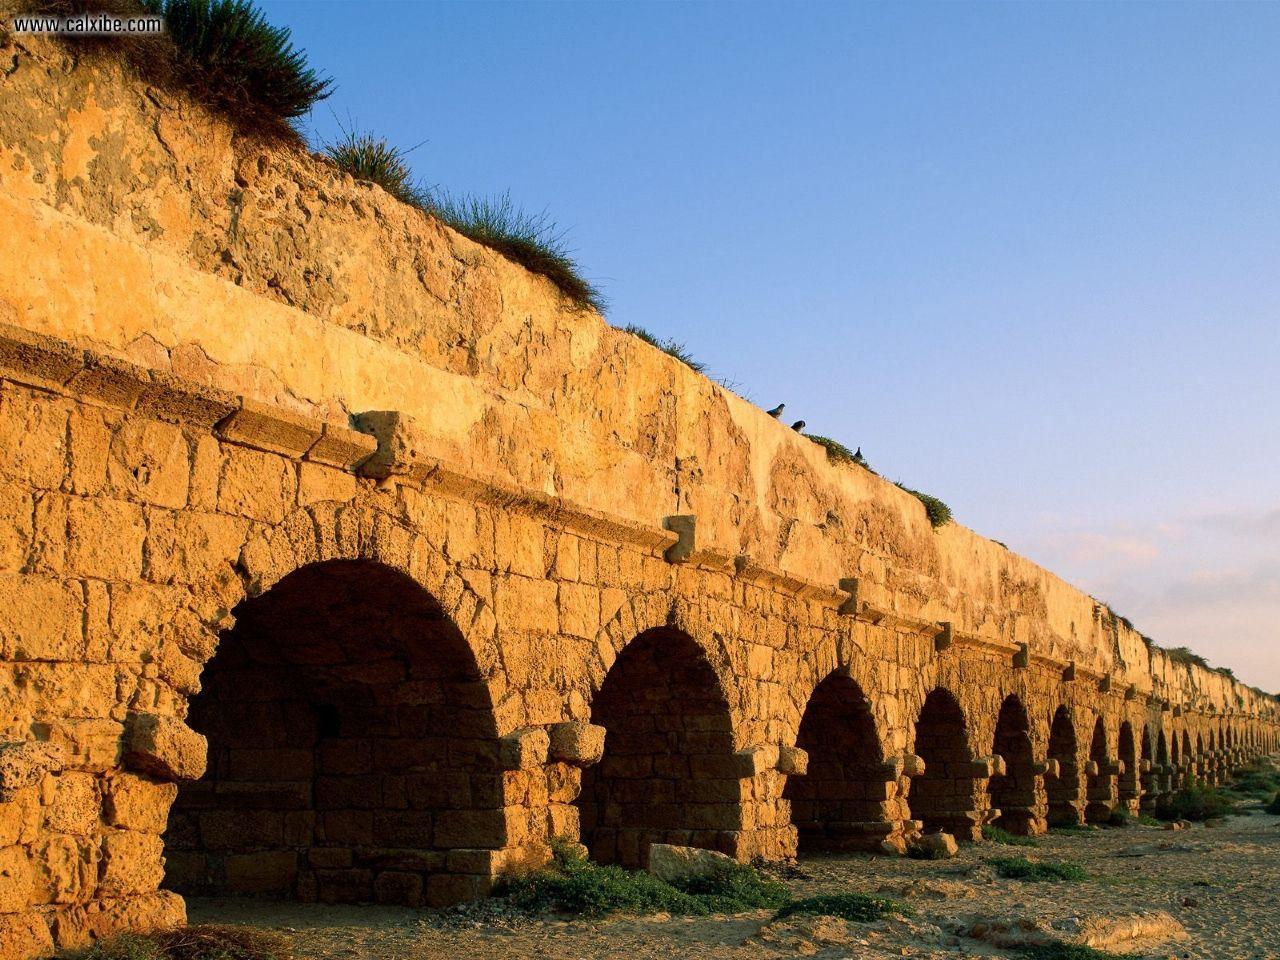 RomanAqueductCaesareaIsrael_1280x960.jpg